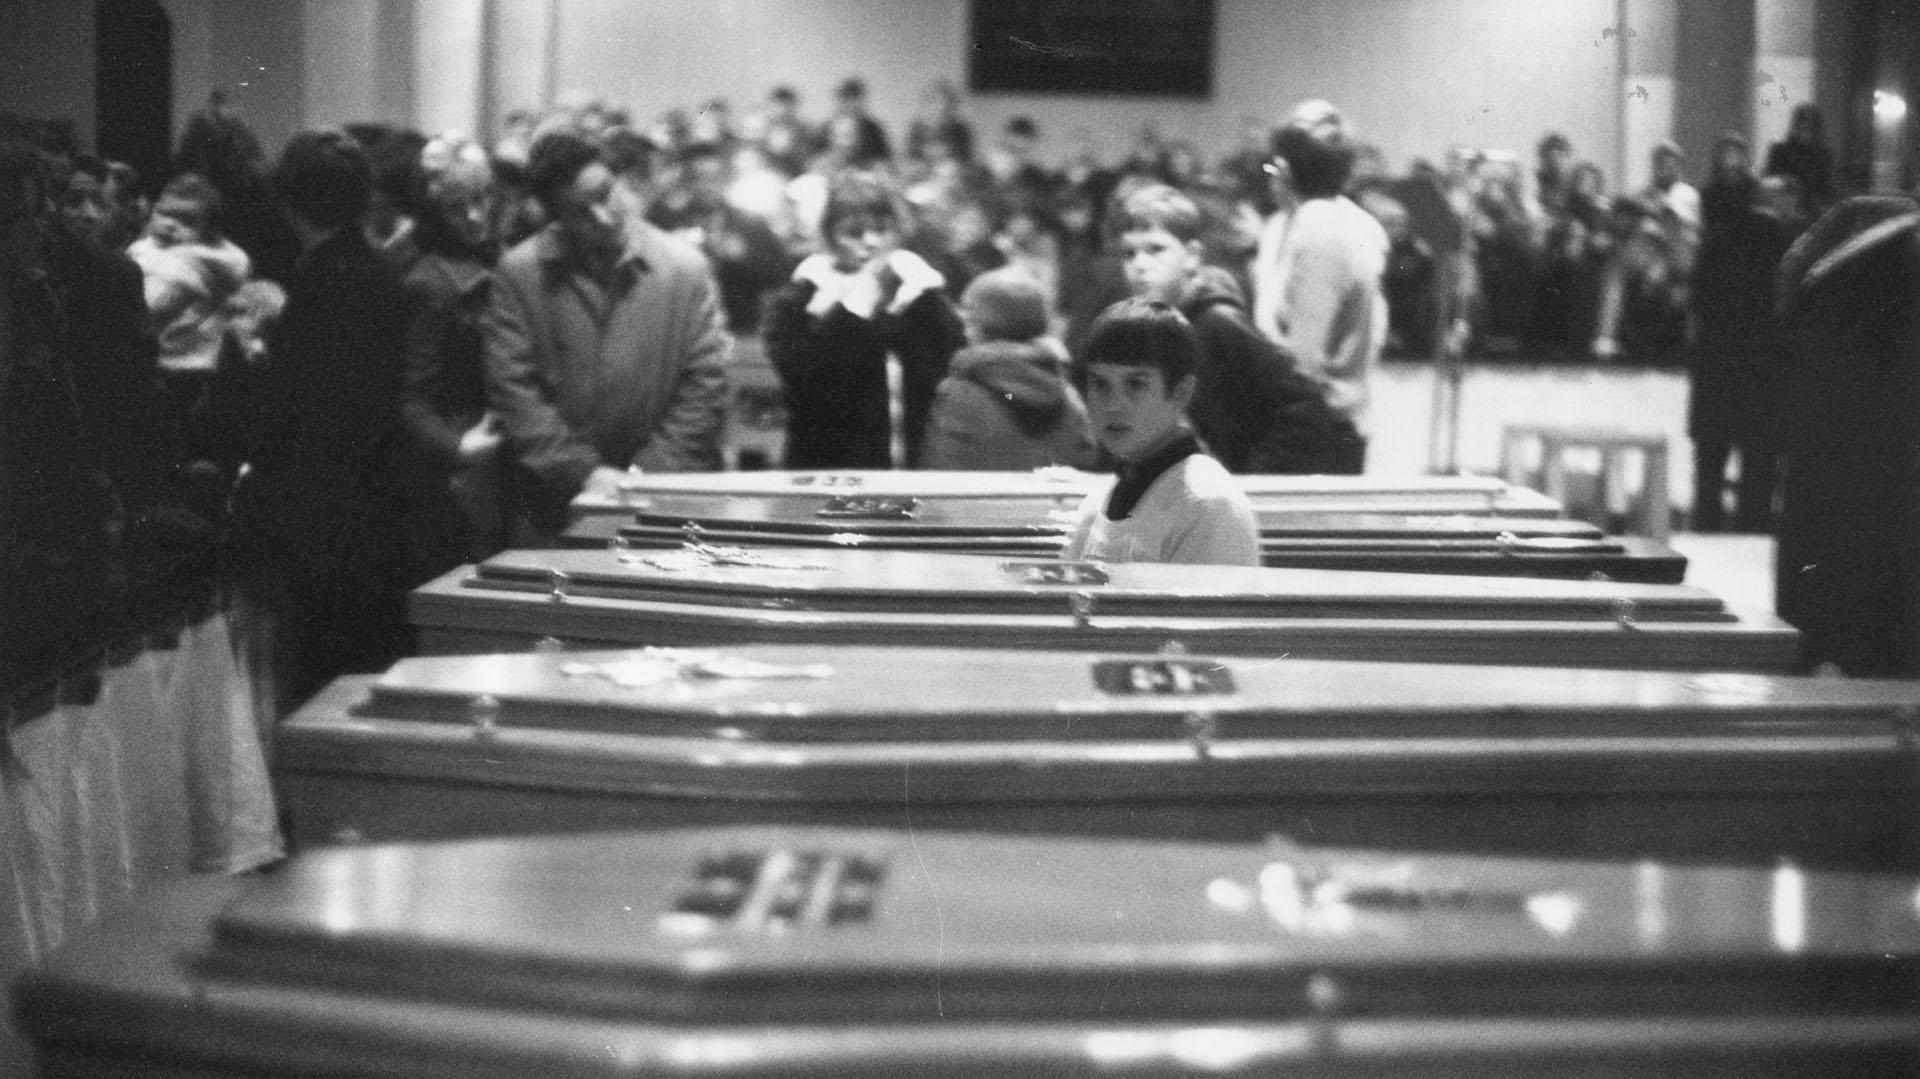 2 de febrero de 1972: funeral de los 13 civiles asesinados por la Brigada de Paracaidistas